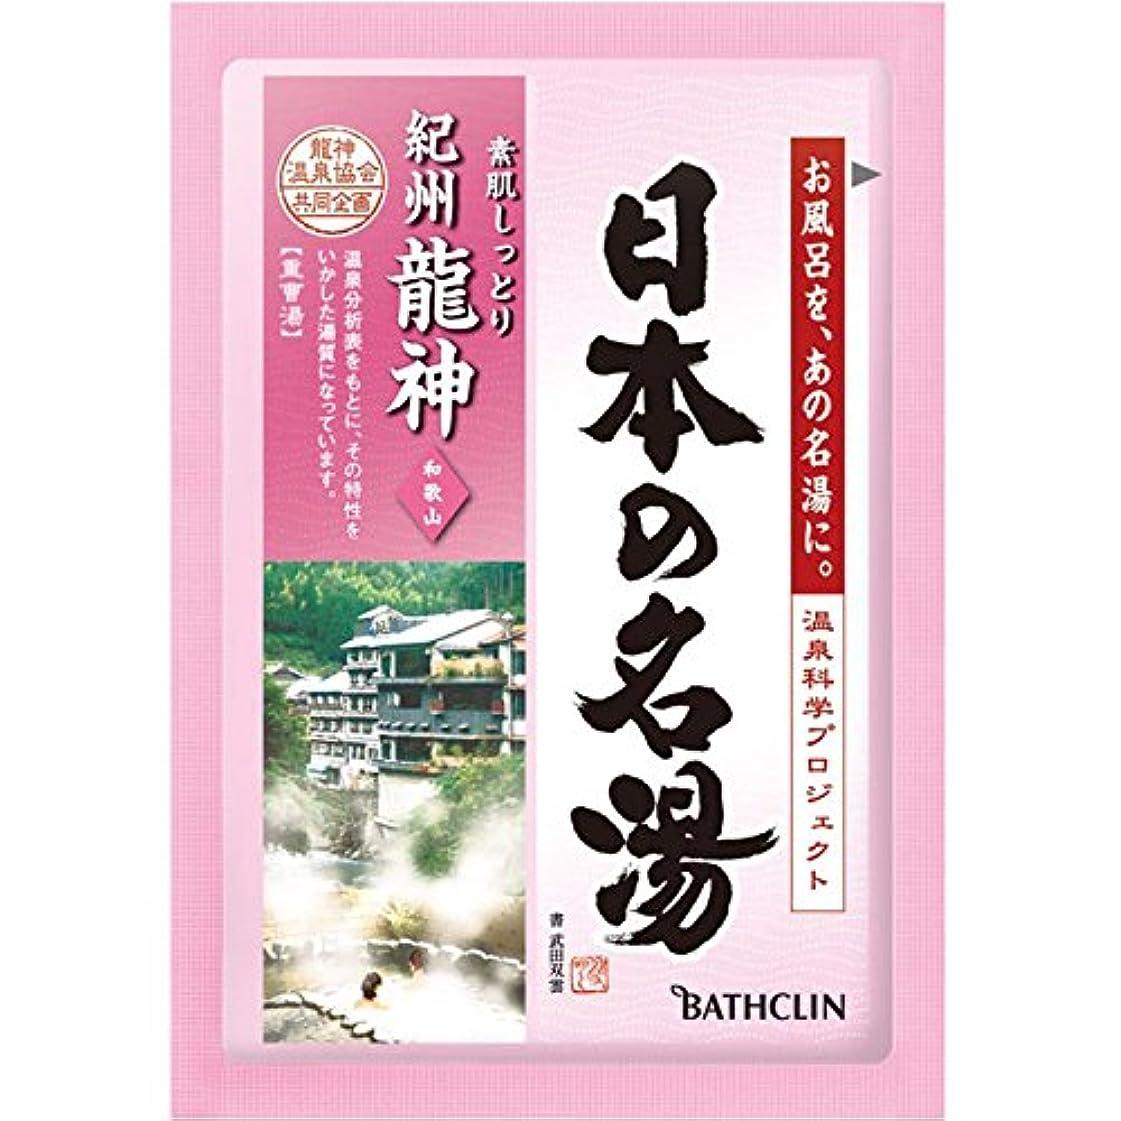 上に雨のリクルートバスクリン 日本の名湯 紀州龍神 30g